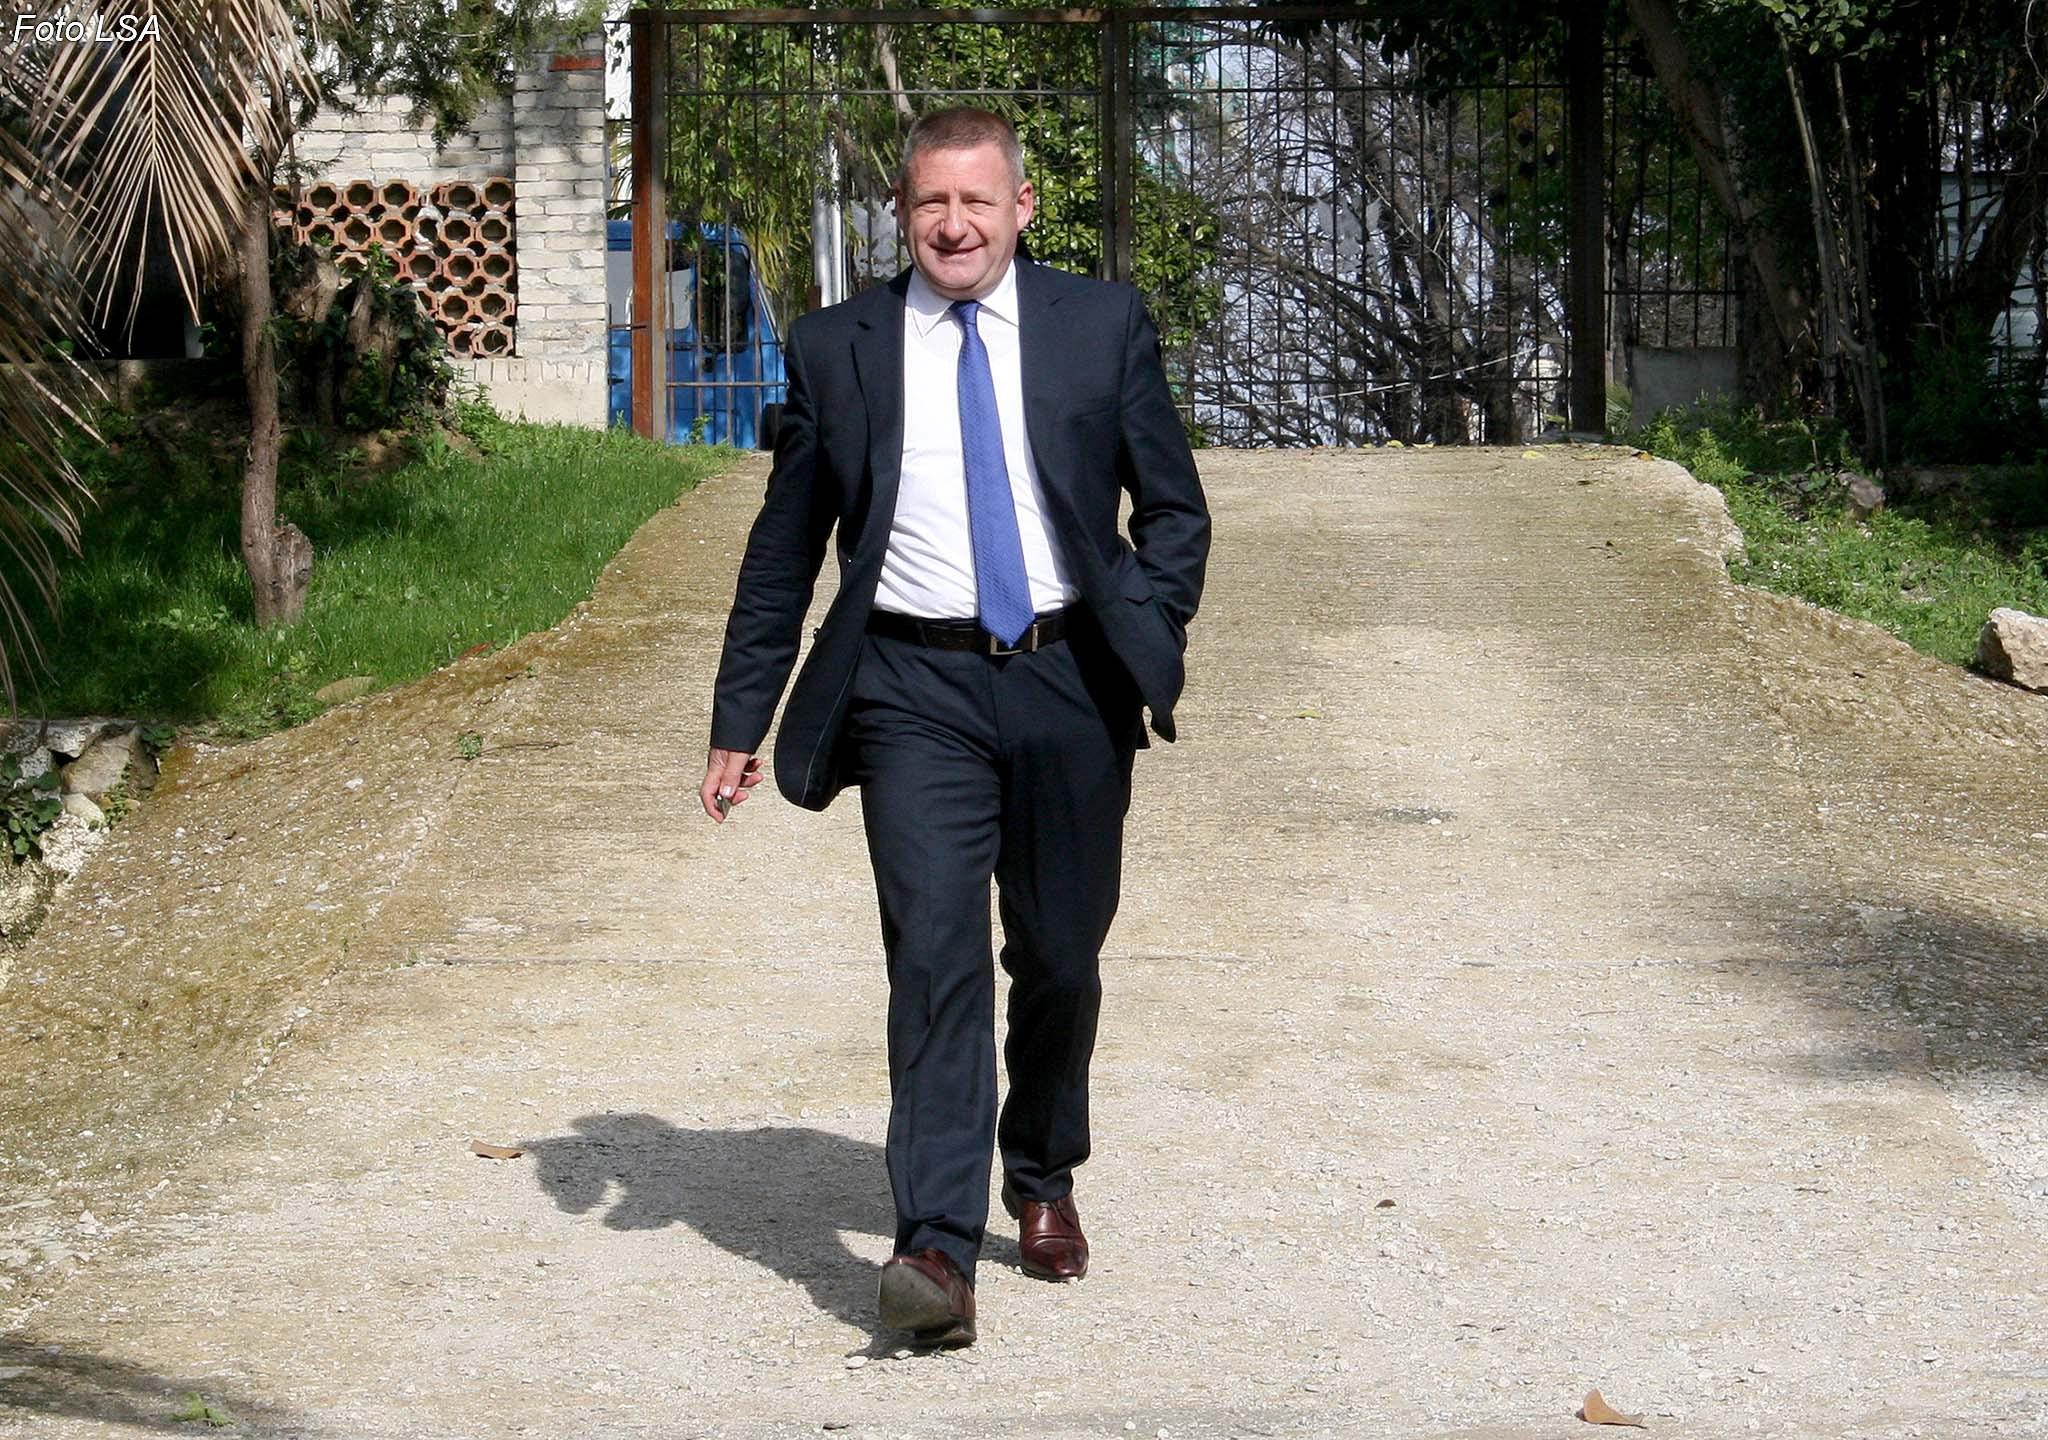 Parashikimi i Nard Ndokës  Rama humb zgjedhjet në Lezhë e Shkodër  ja skenari që ka